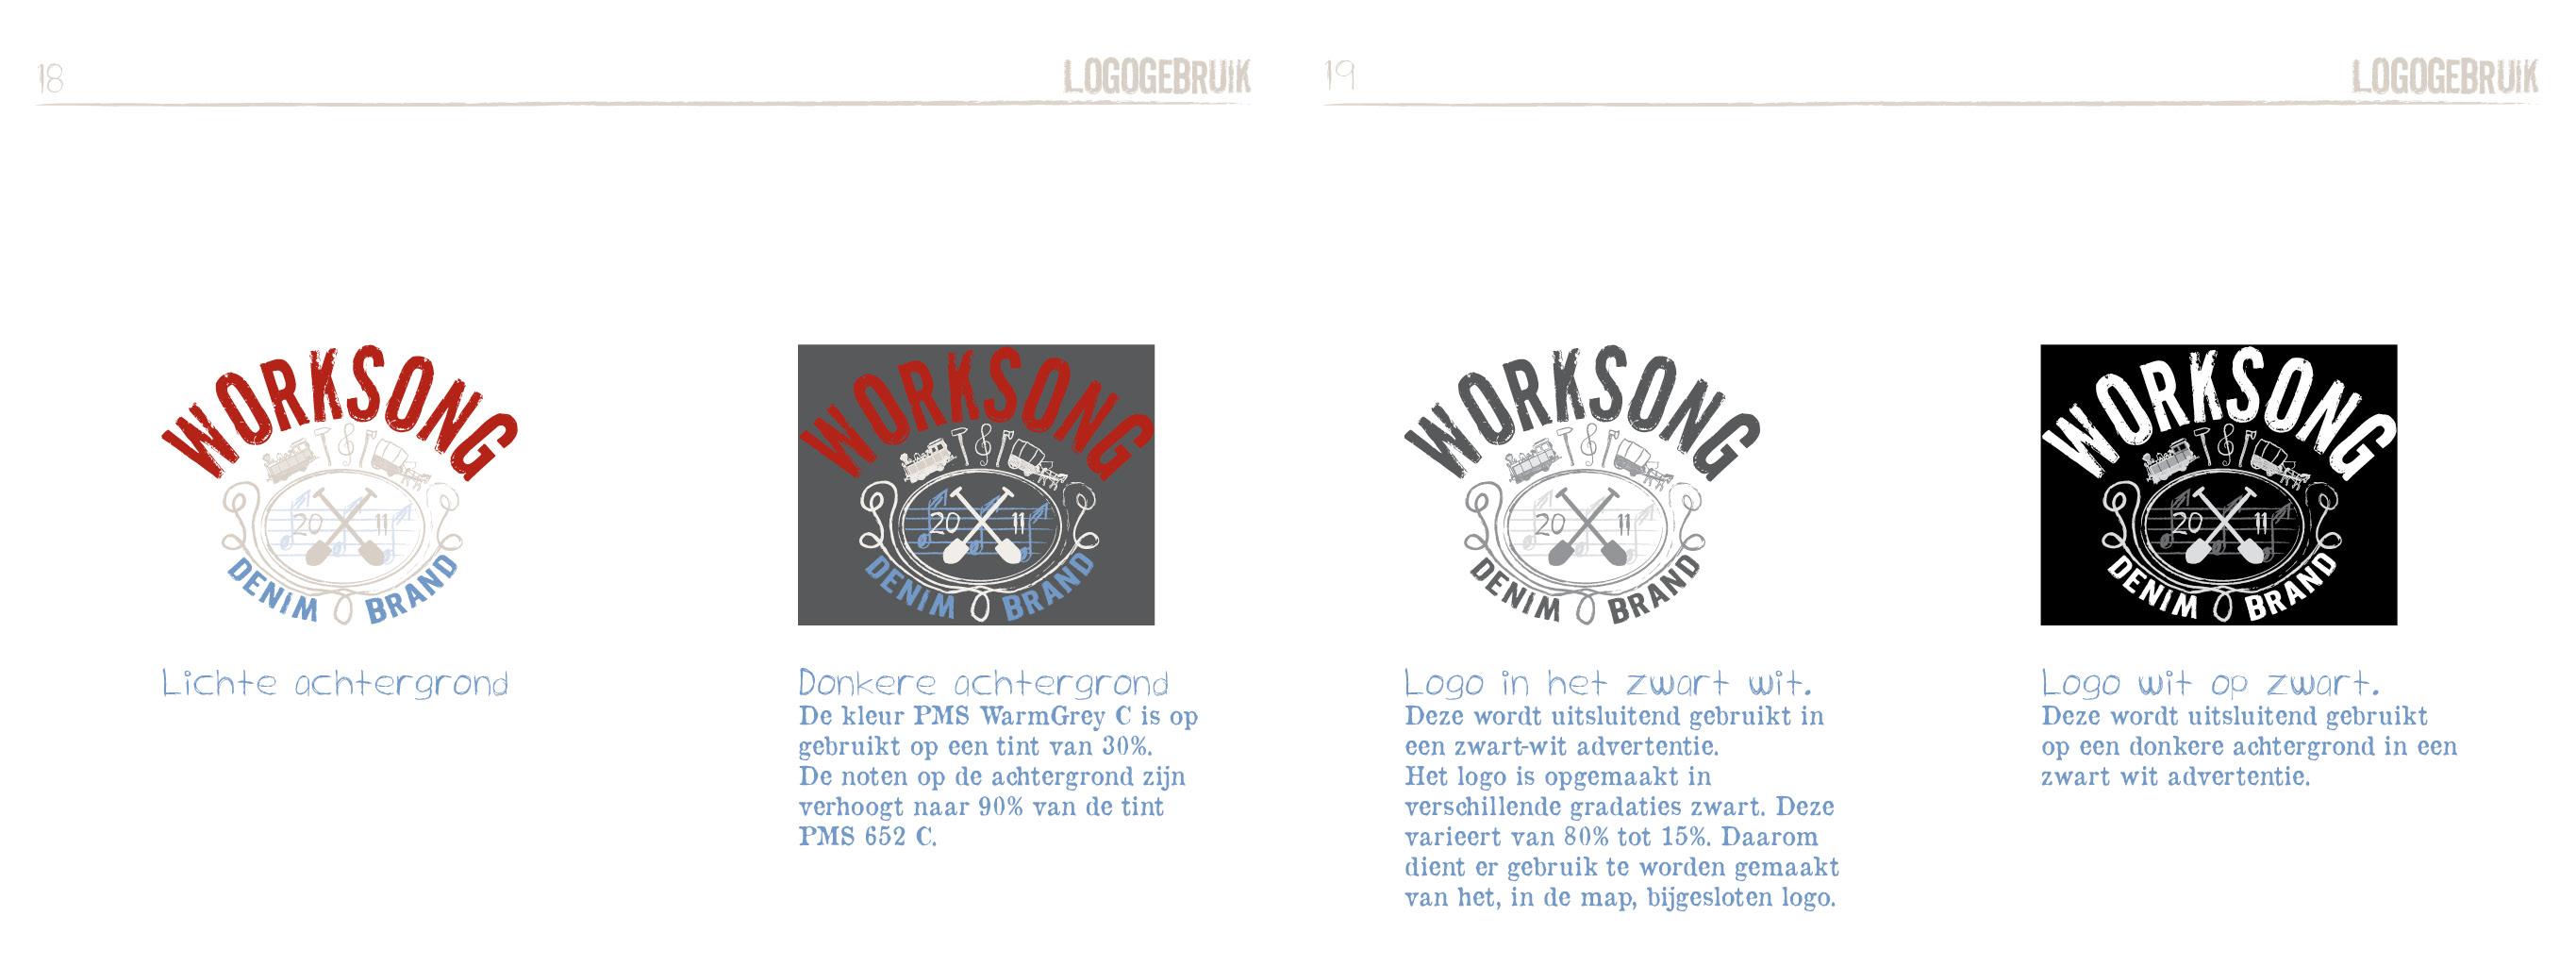 Worksong Huisstijlhandboek10